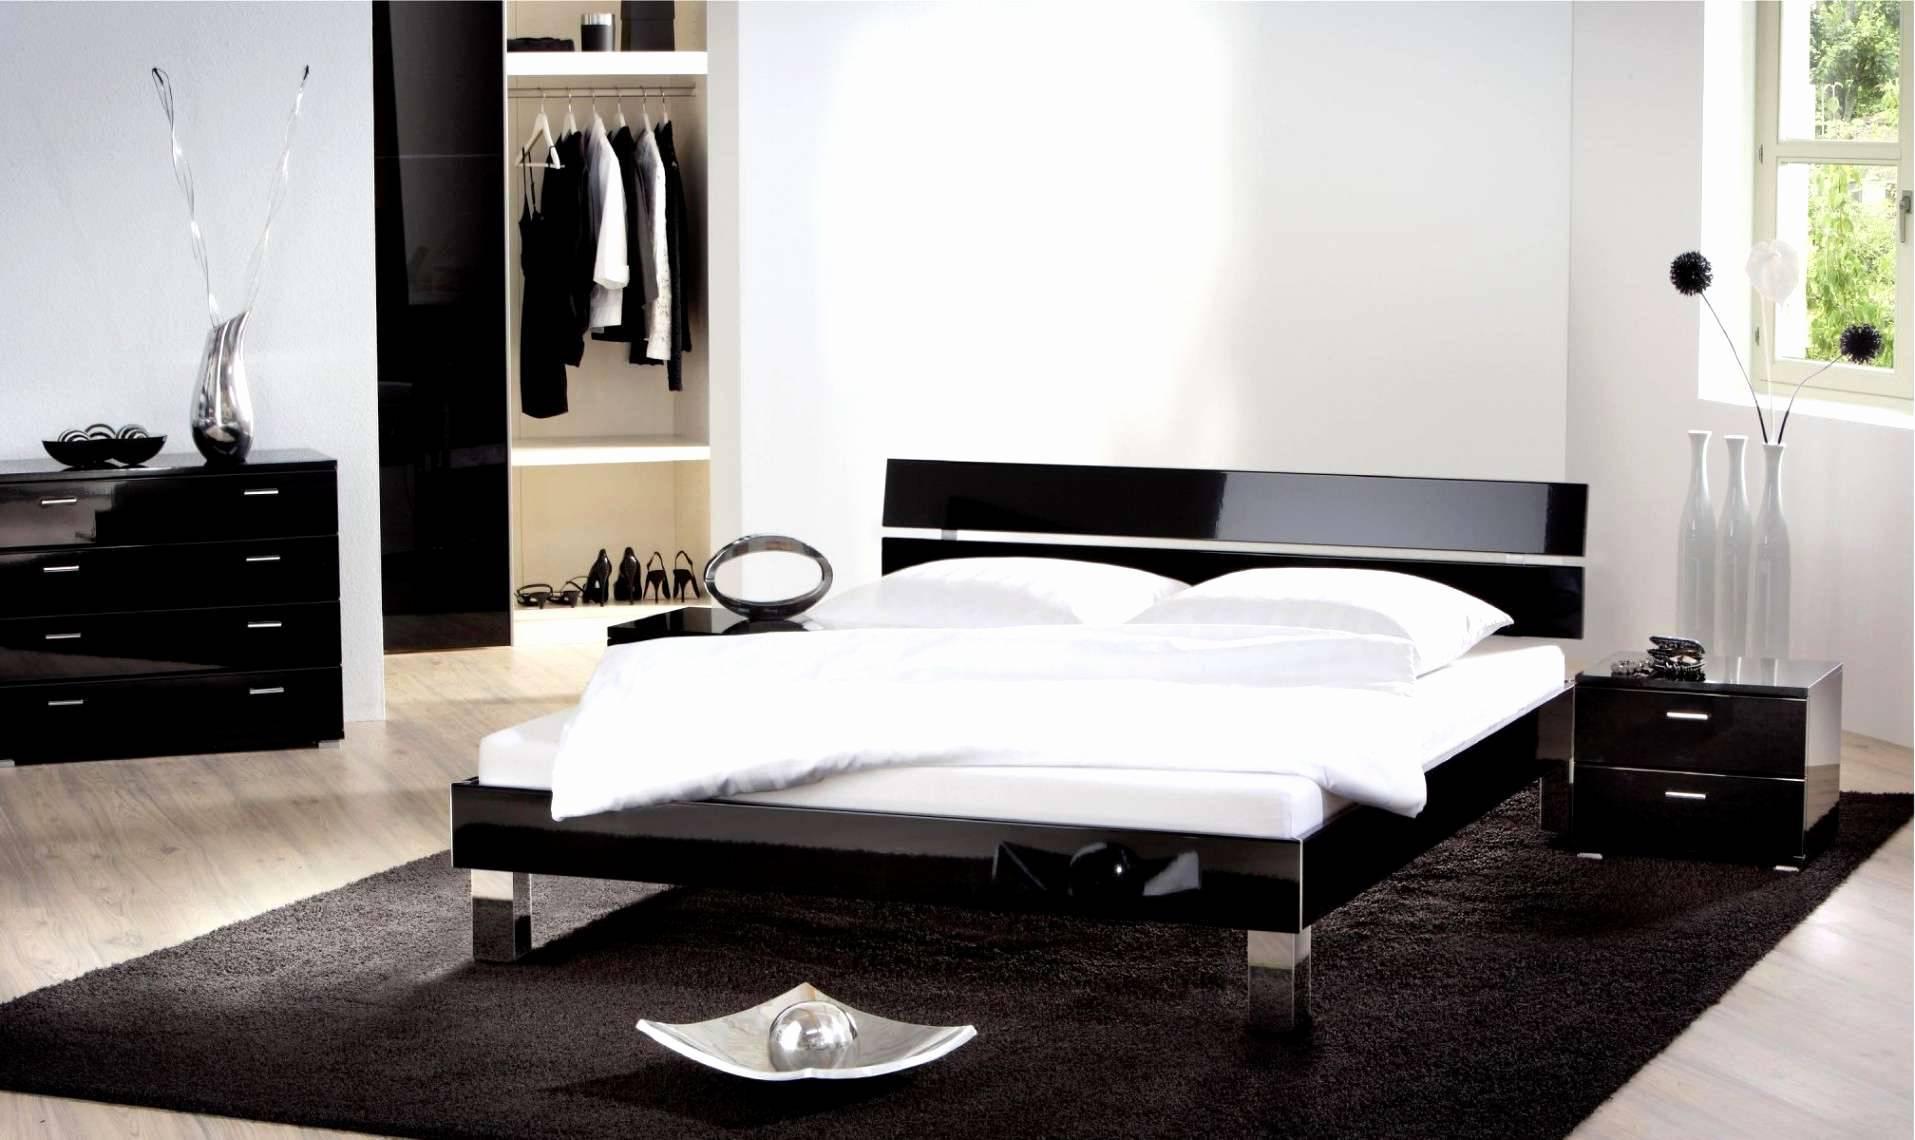 boden deko wohnzimmer new wohnzimmer wand dekorieren inspirierend deko wohnzimmer wand bilder of boden deko wohnzimmer